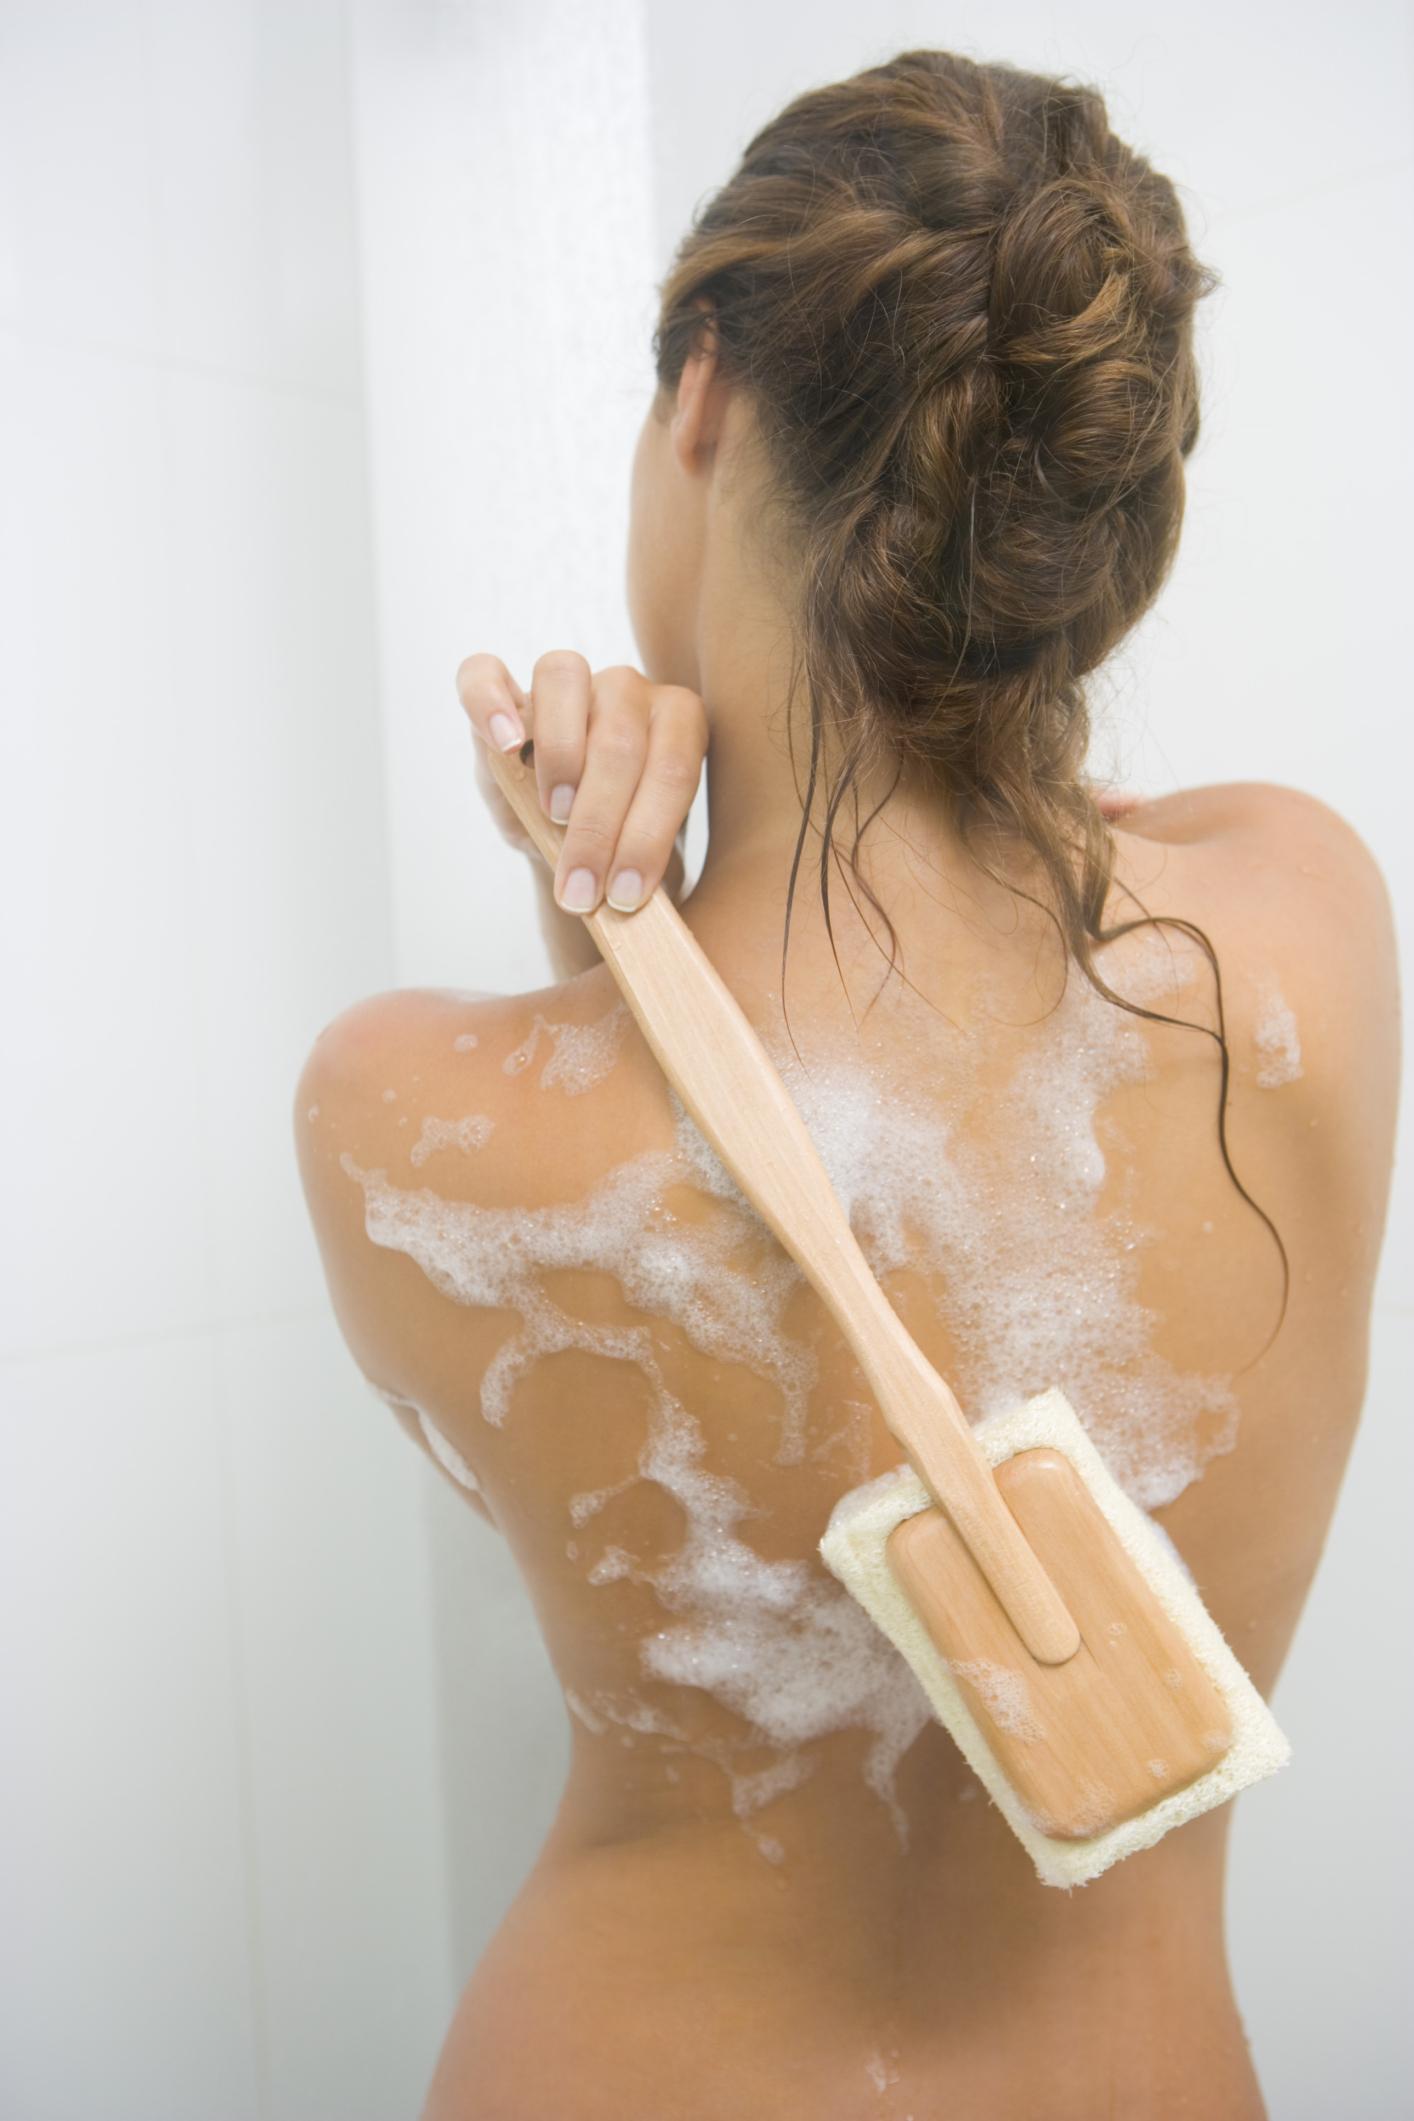 Using Body Brush